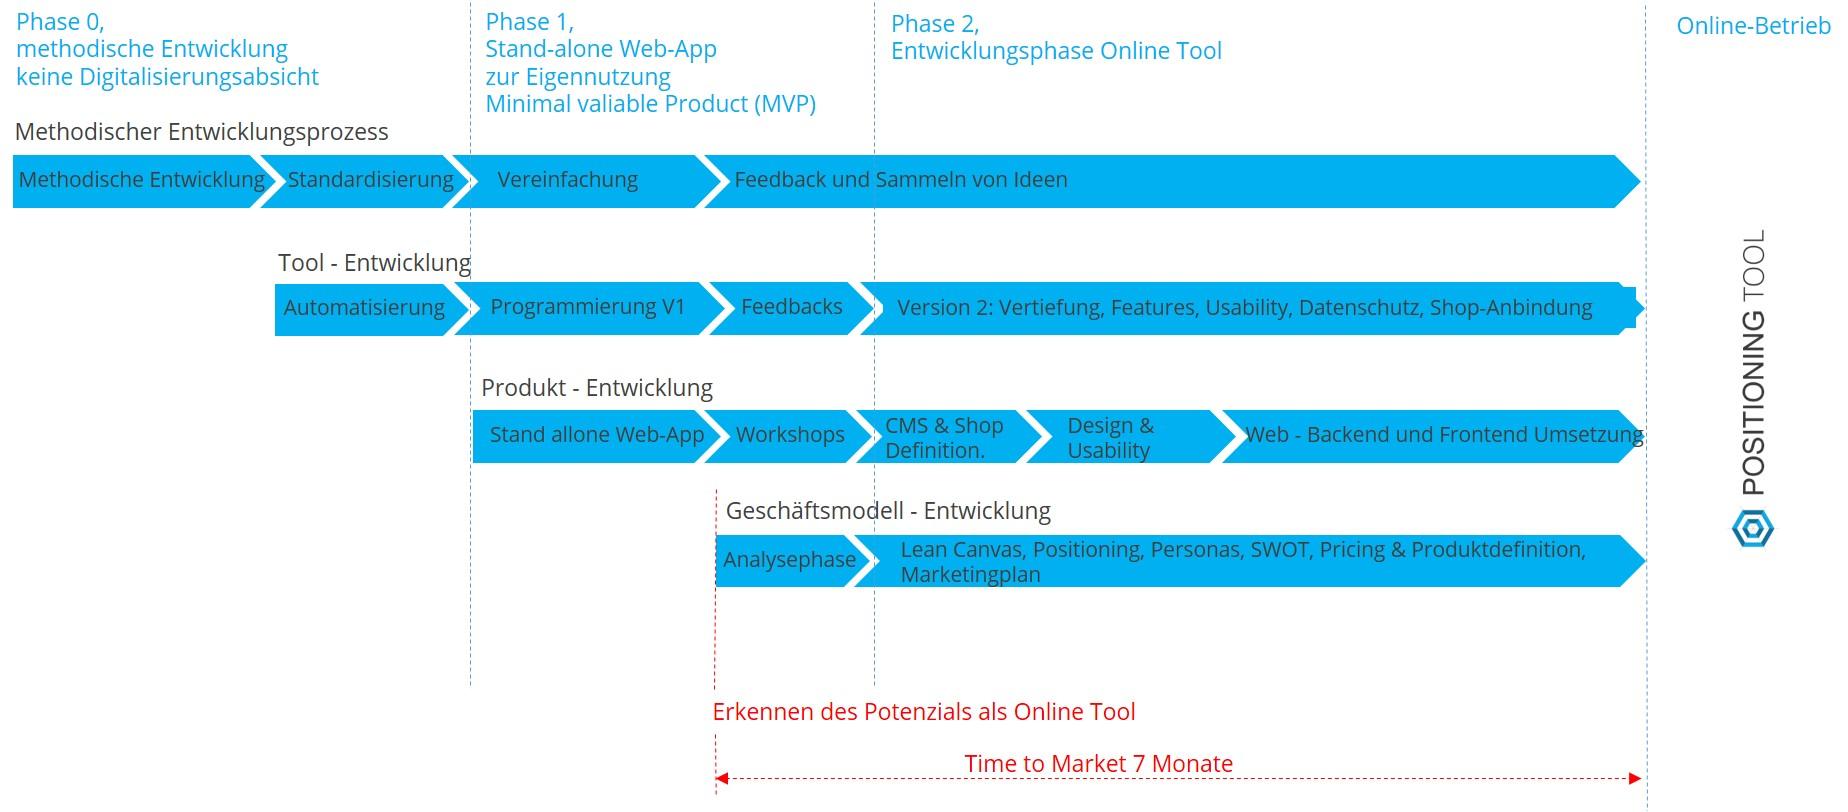 Digitalisierung einer Dienstleistung und Vermarktung via E-Commerce